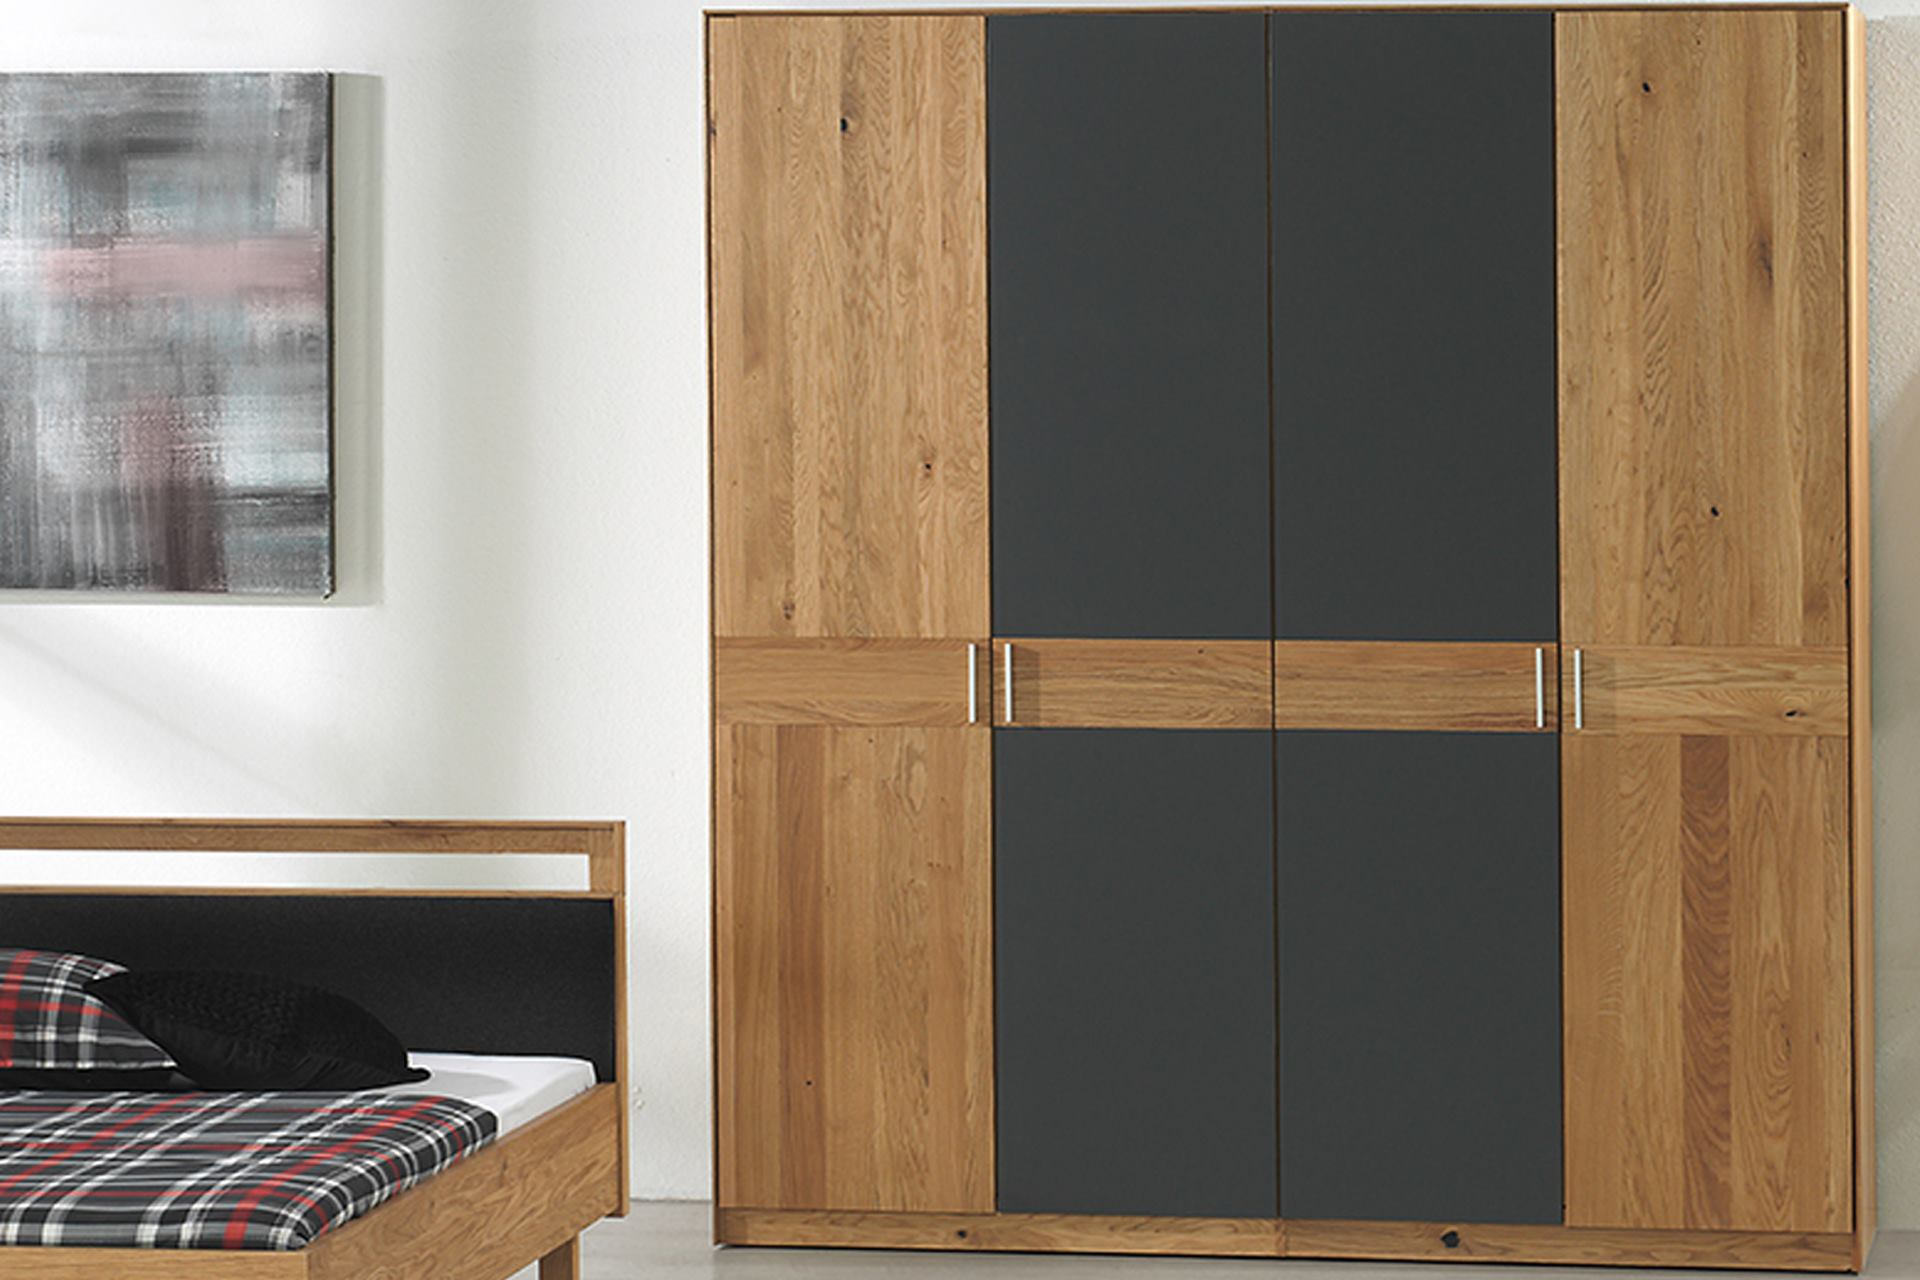 kleiderschrank cento wohnopposition berlin. Black Bedroom Furniture Sets. Home Design Ideas